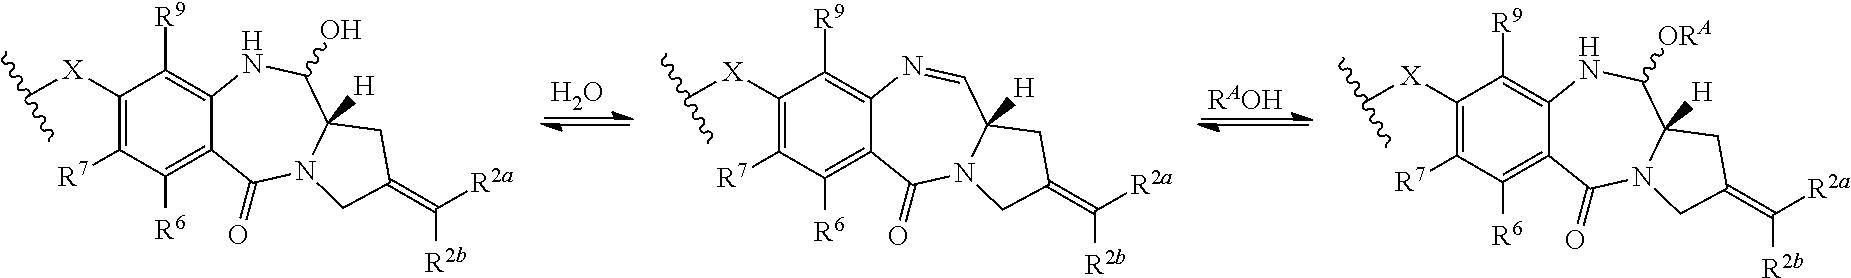 Figure US09821074-20171121-C00046